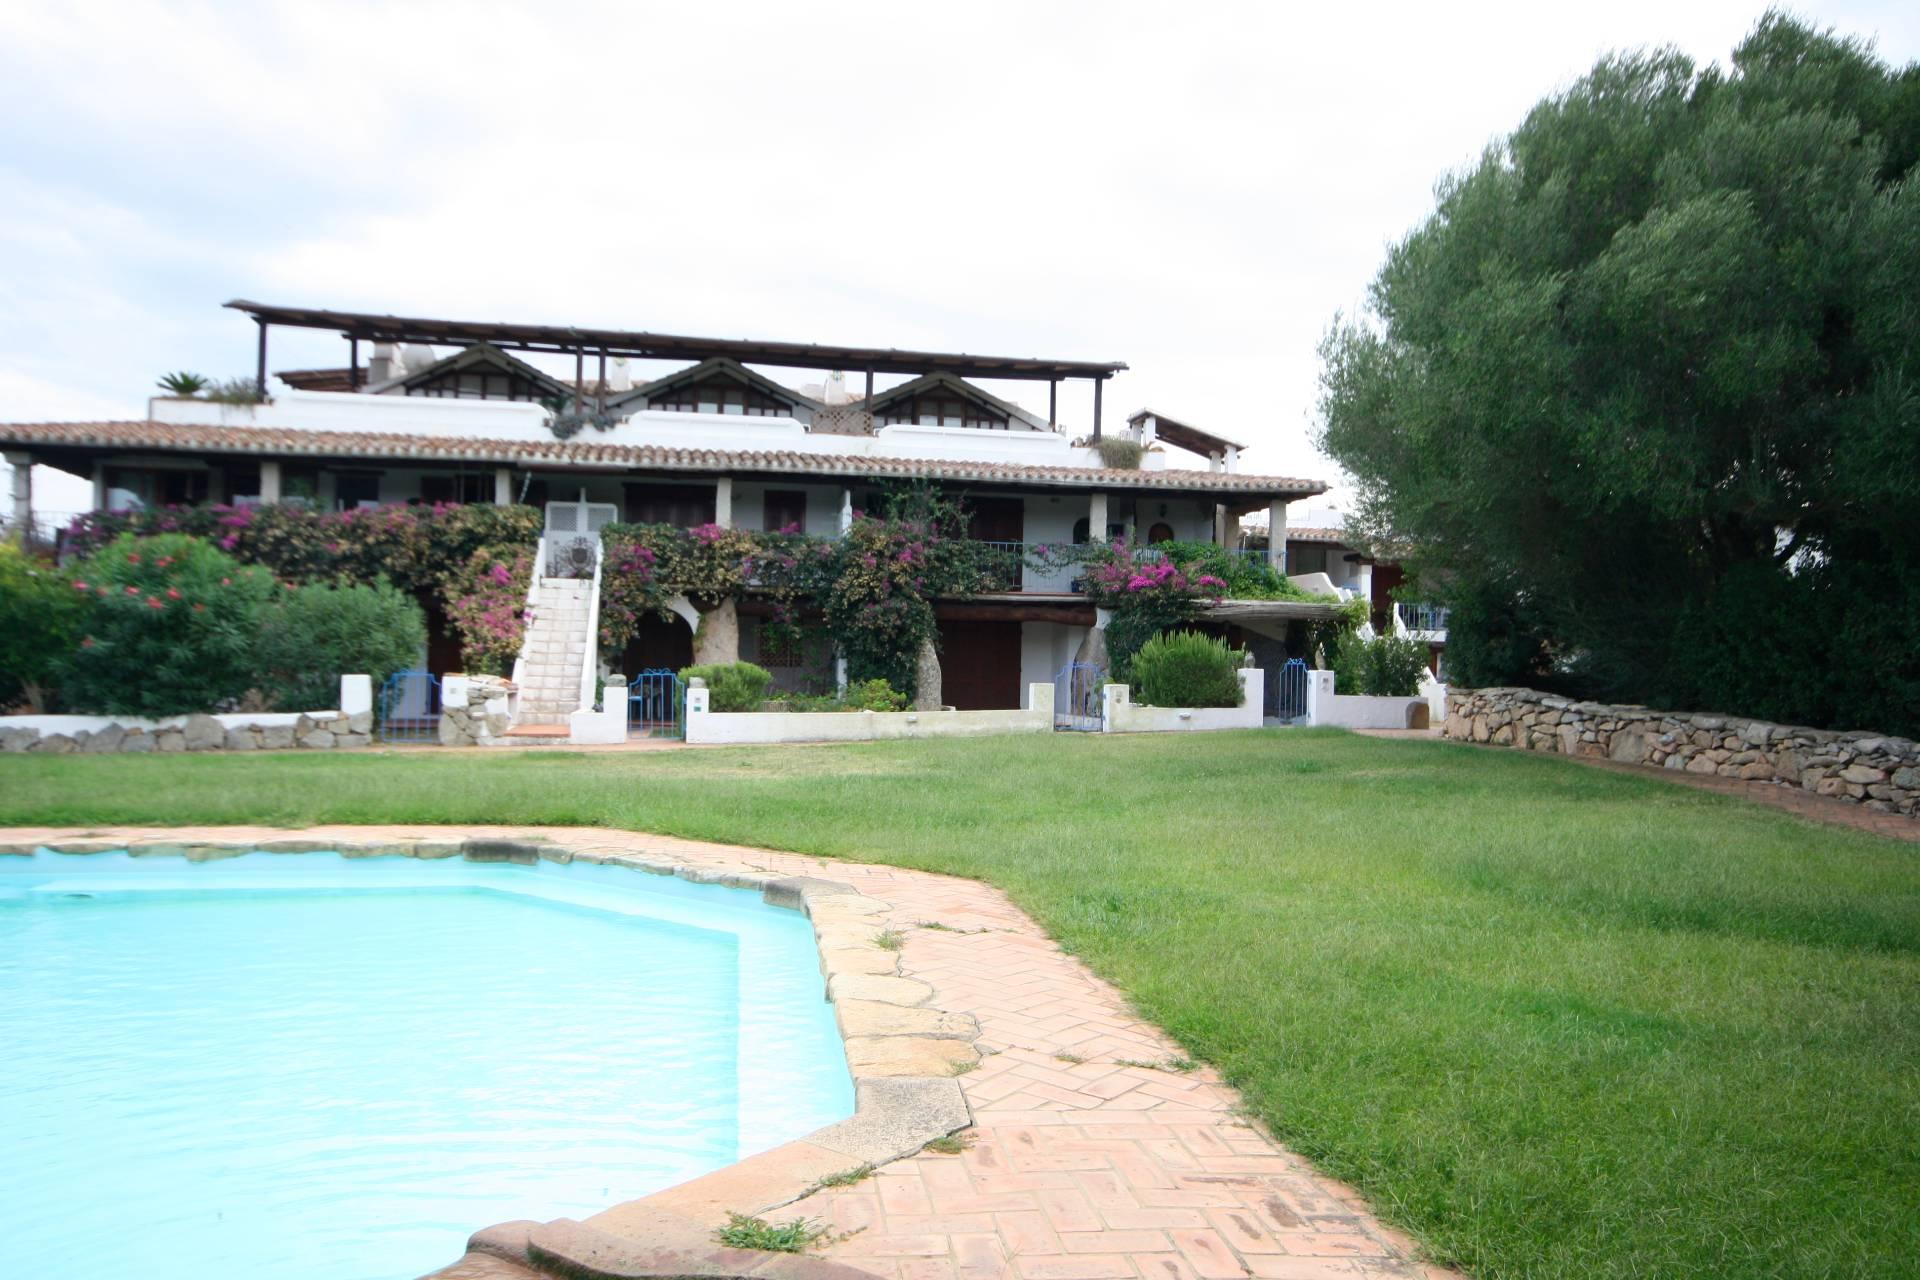 Cbi040 ed055ed casa vacanze in affitto a olbia for Asheville case vacanze in affitto